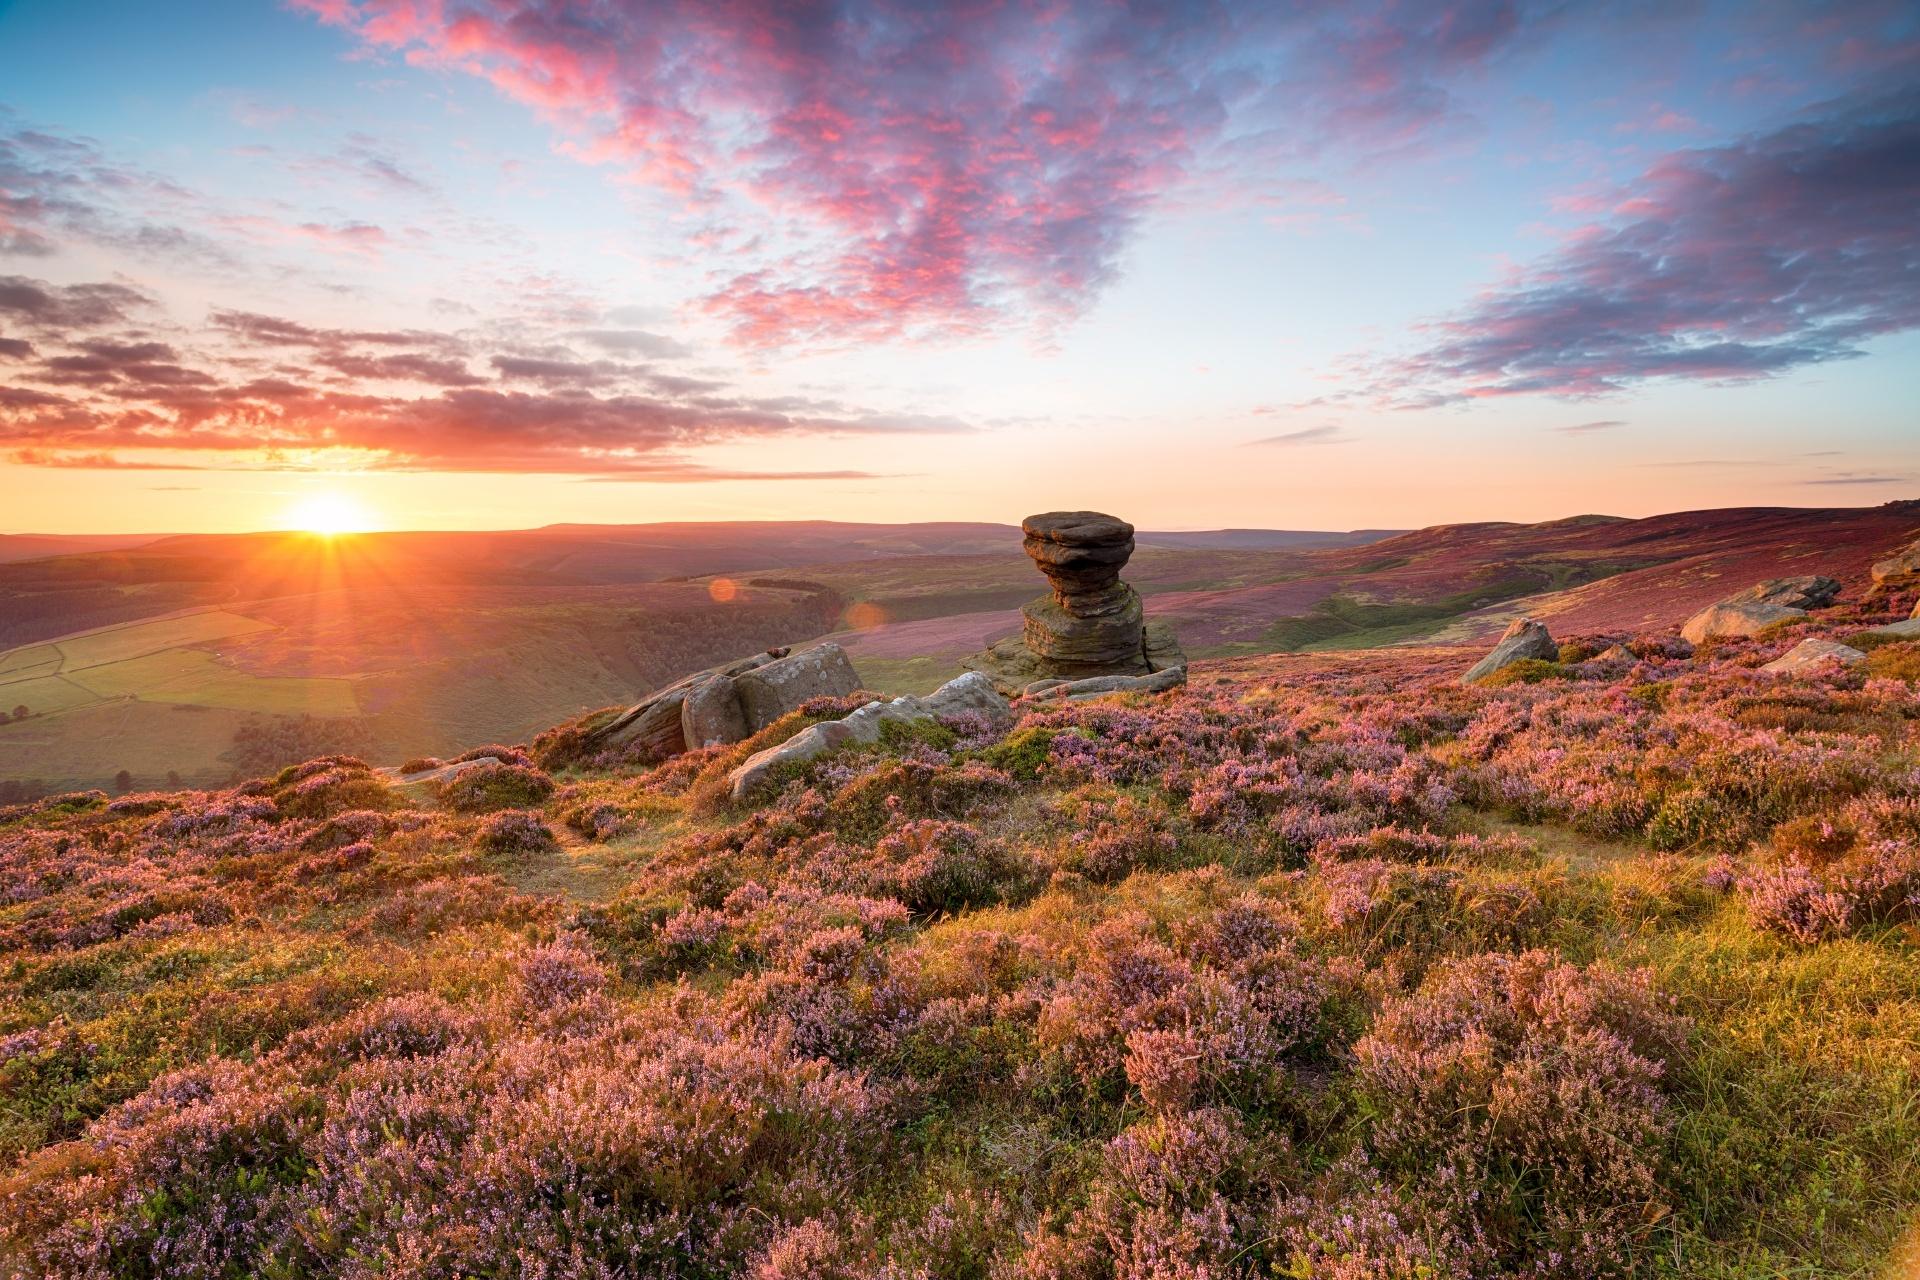 ピーク・ディストリクト国立公園の風景 イギリスの風景